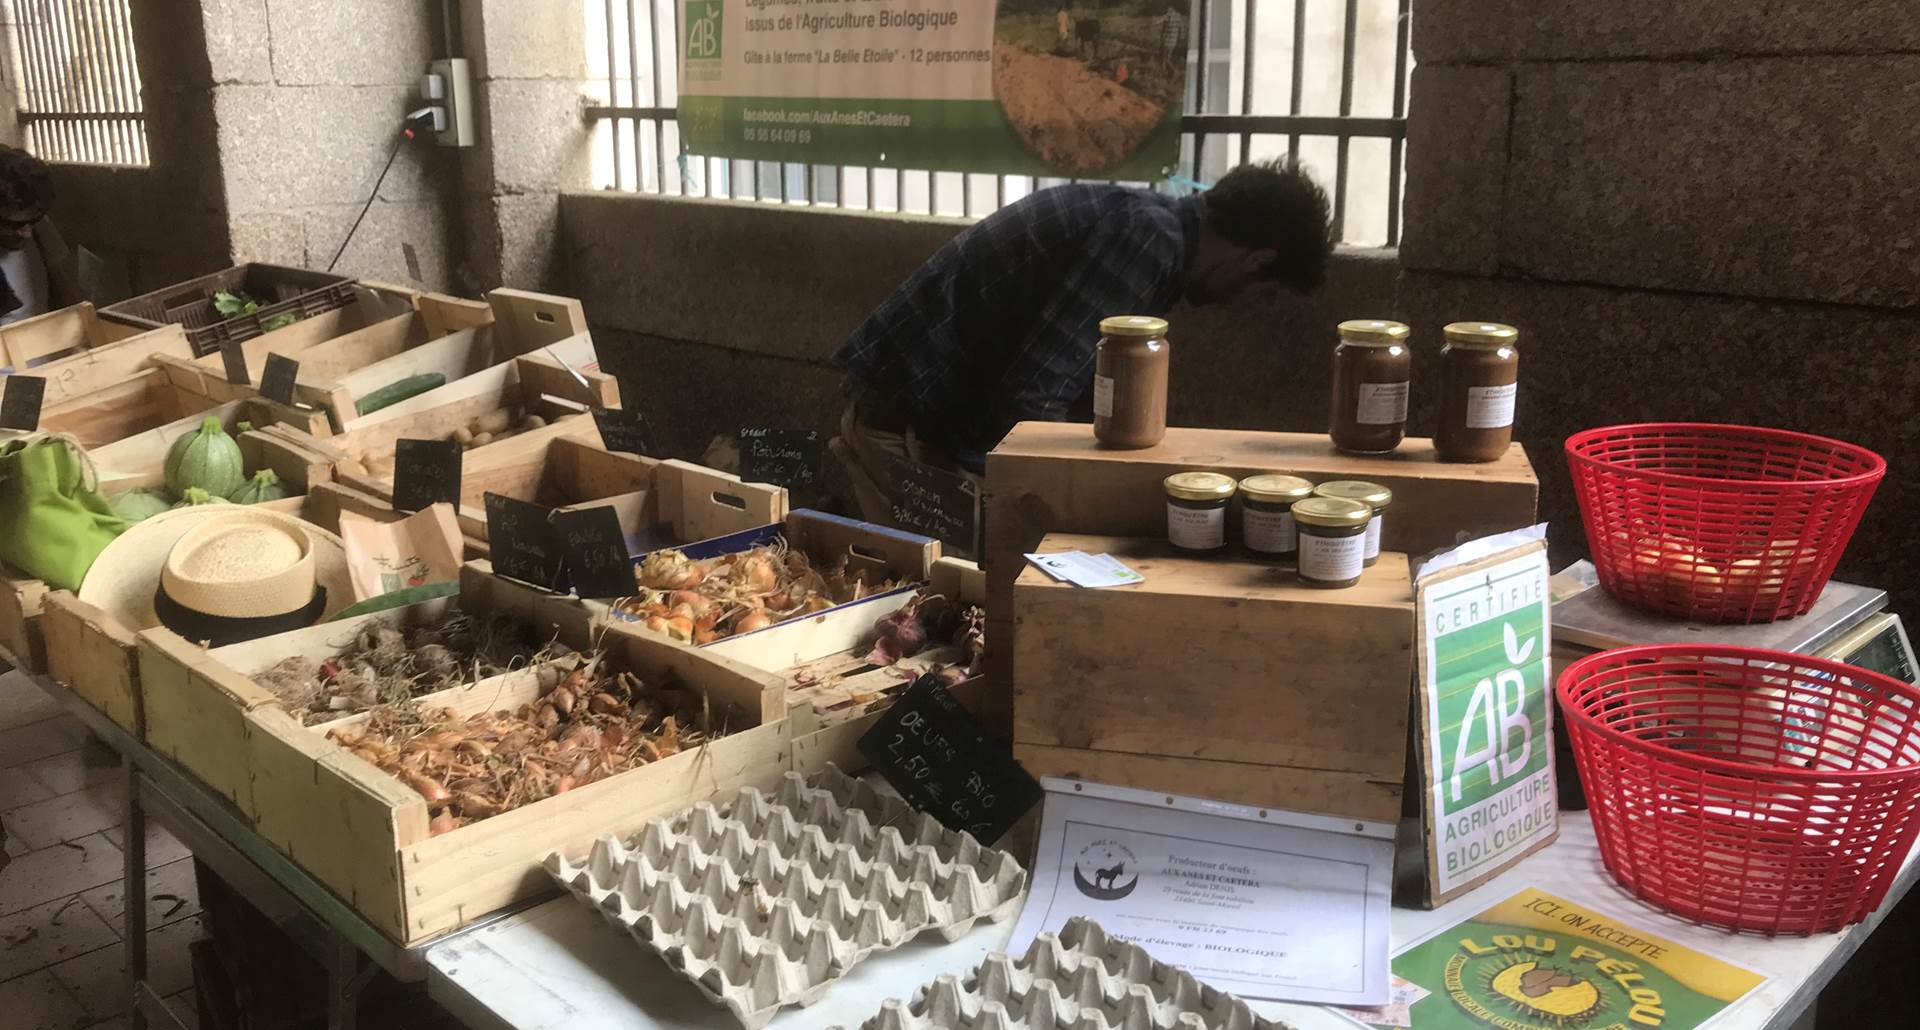 marché de petits producteurs, bio, table d'hôtes, saint-léonard de Noblat, nouvelle-aquitaine, gourmet